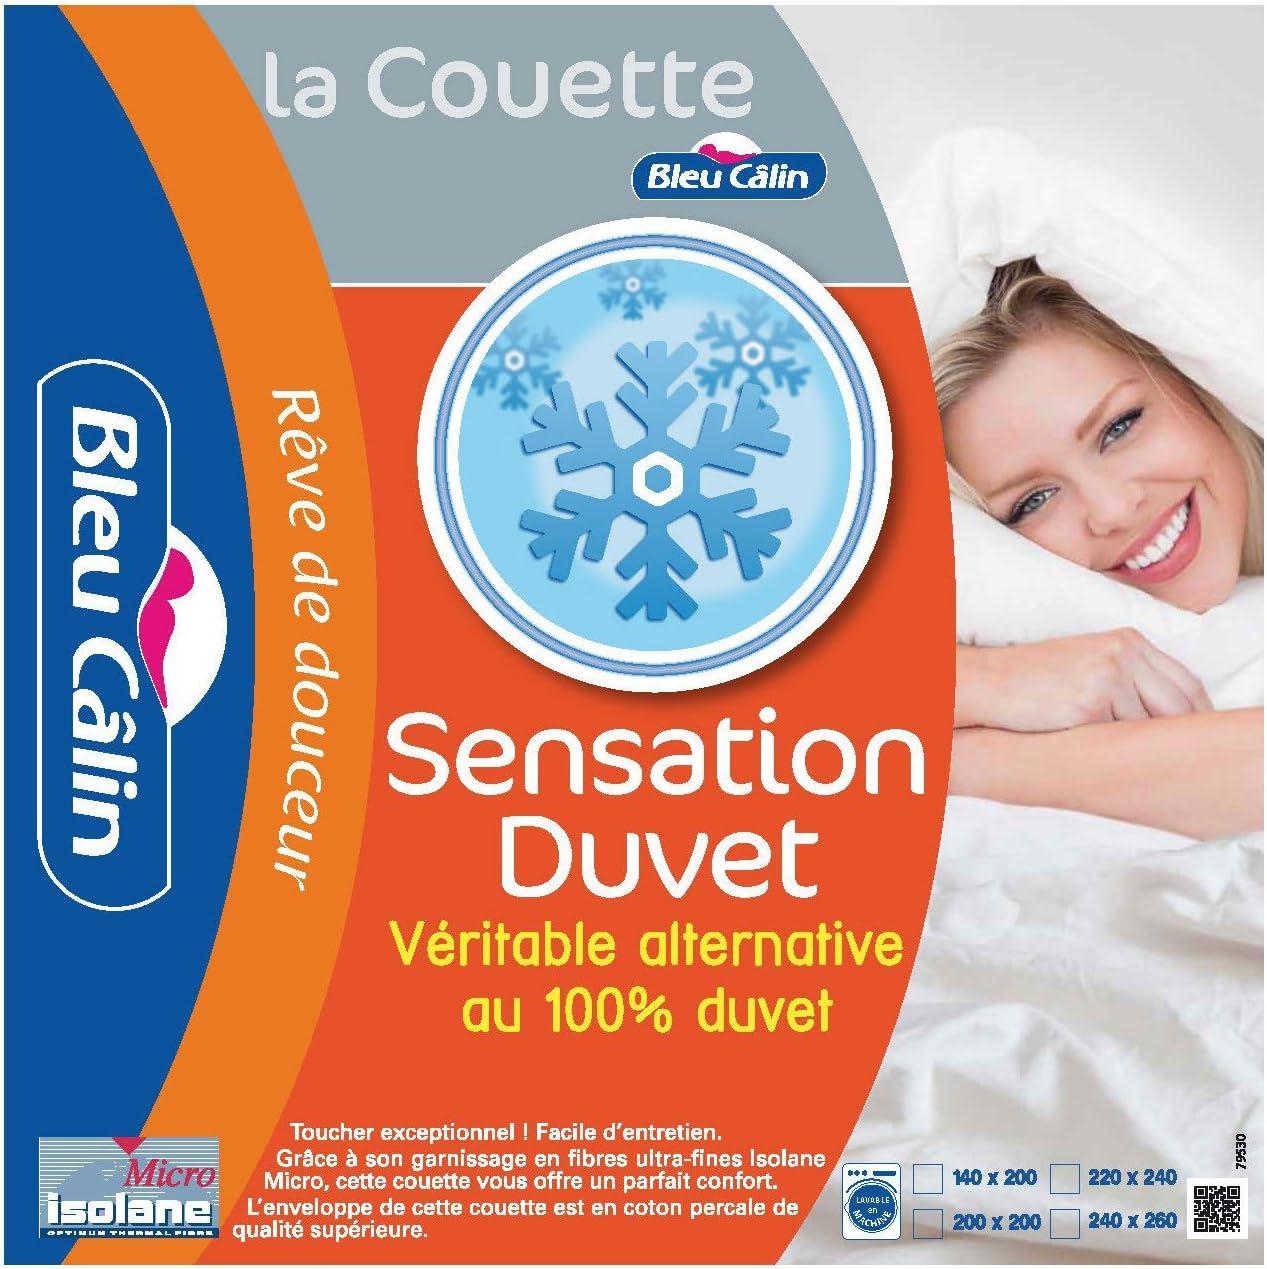 Sensation Duvet Tr/ès Chaude Bleu C/âlin Couette 1 Personne KSD50 Blanc 140x200 cm